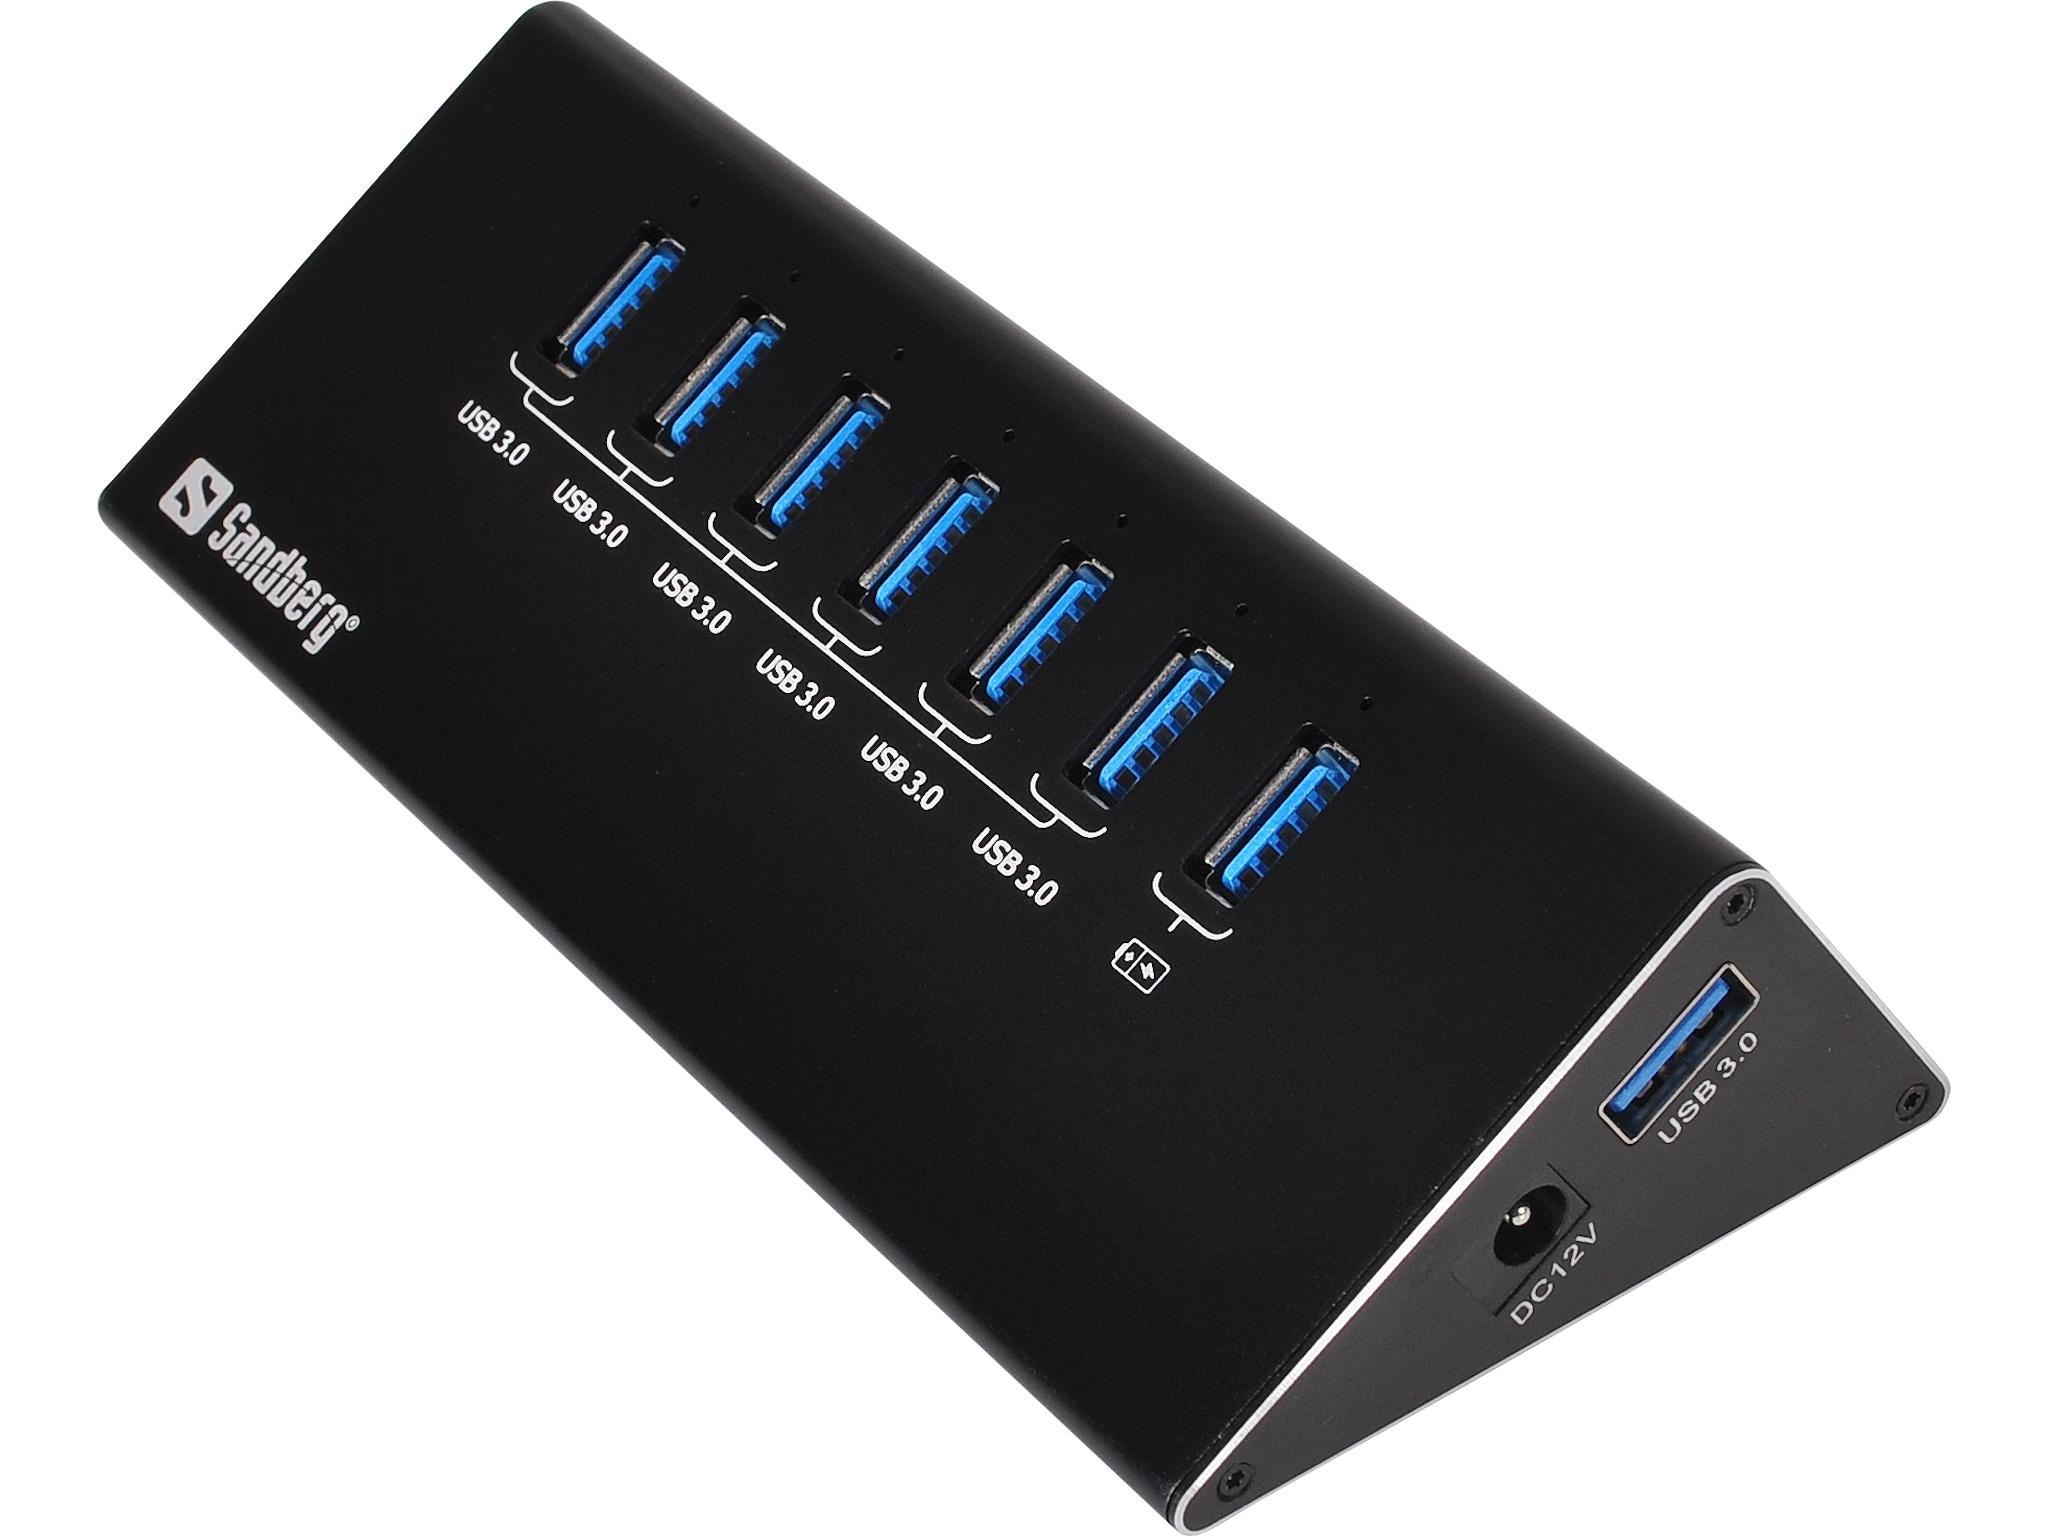 USB 3.0 Hub 6+1 ports